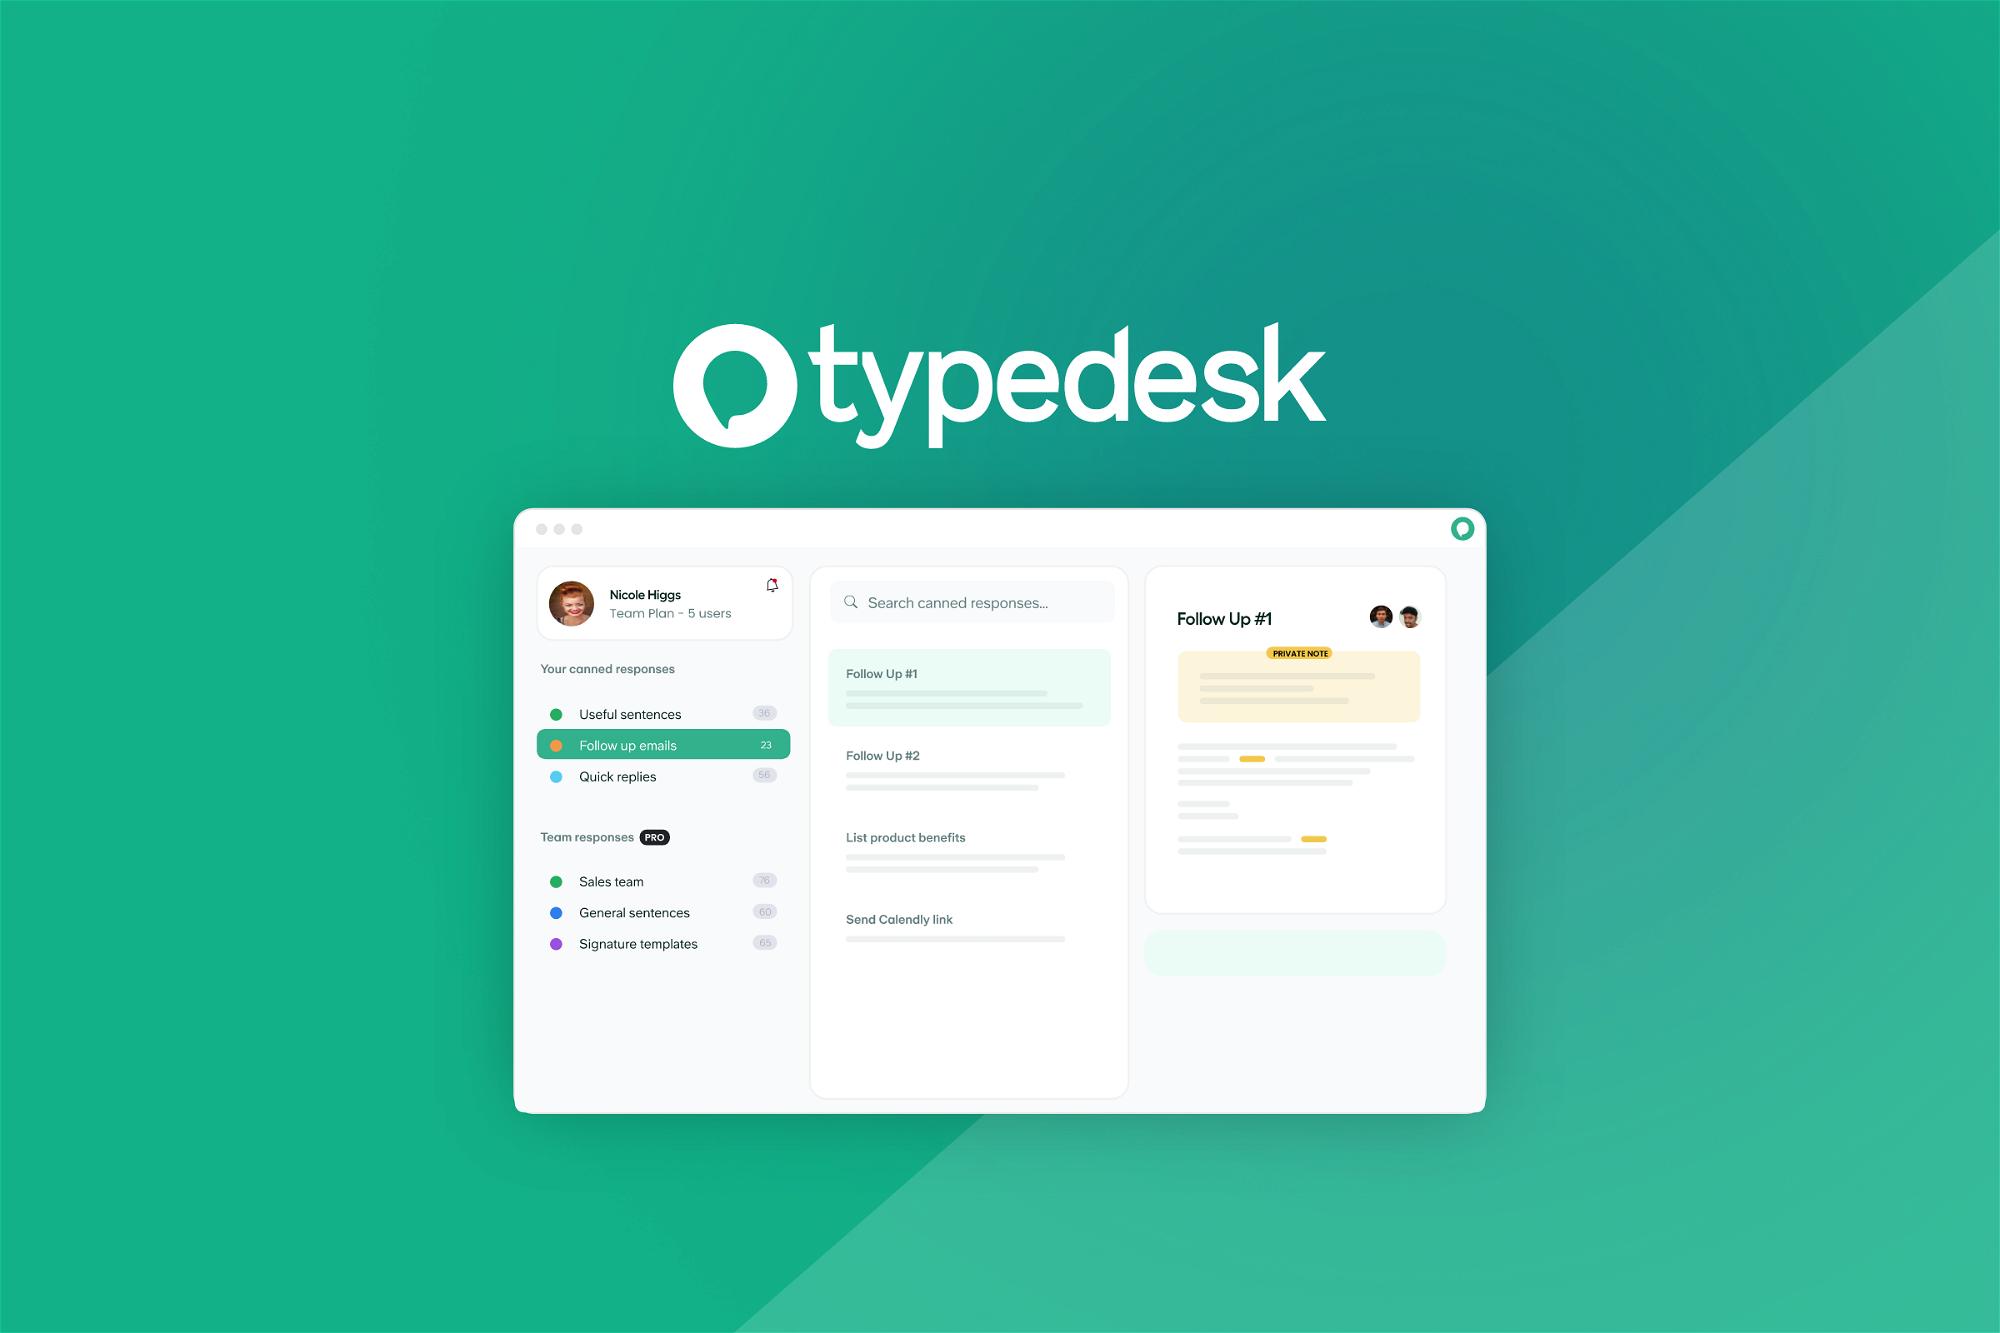 AppSumo Deal for typedesk